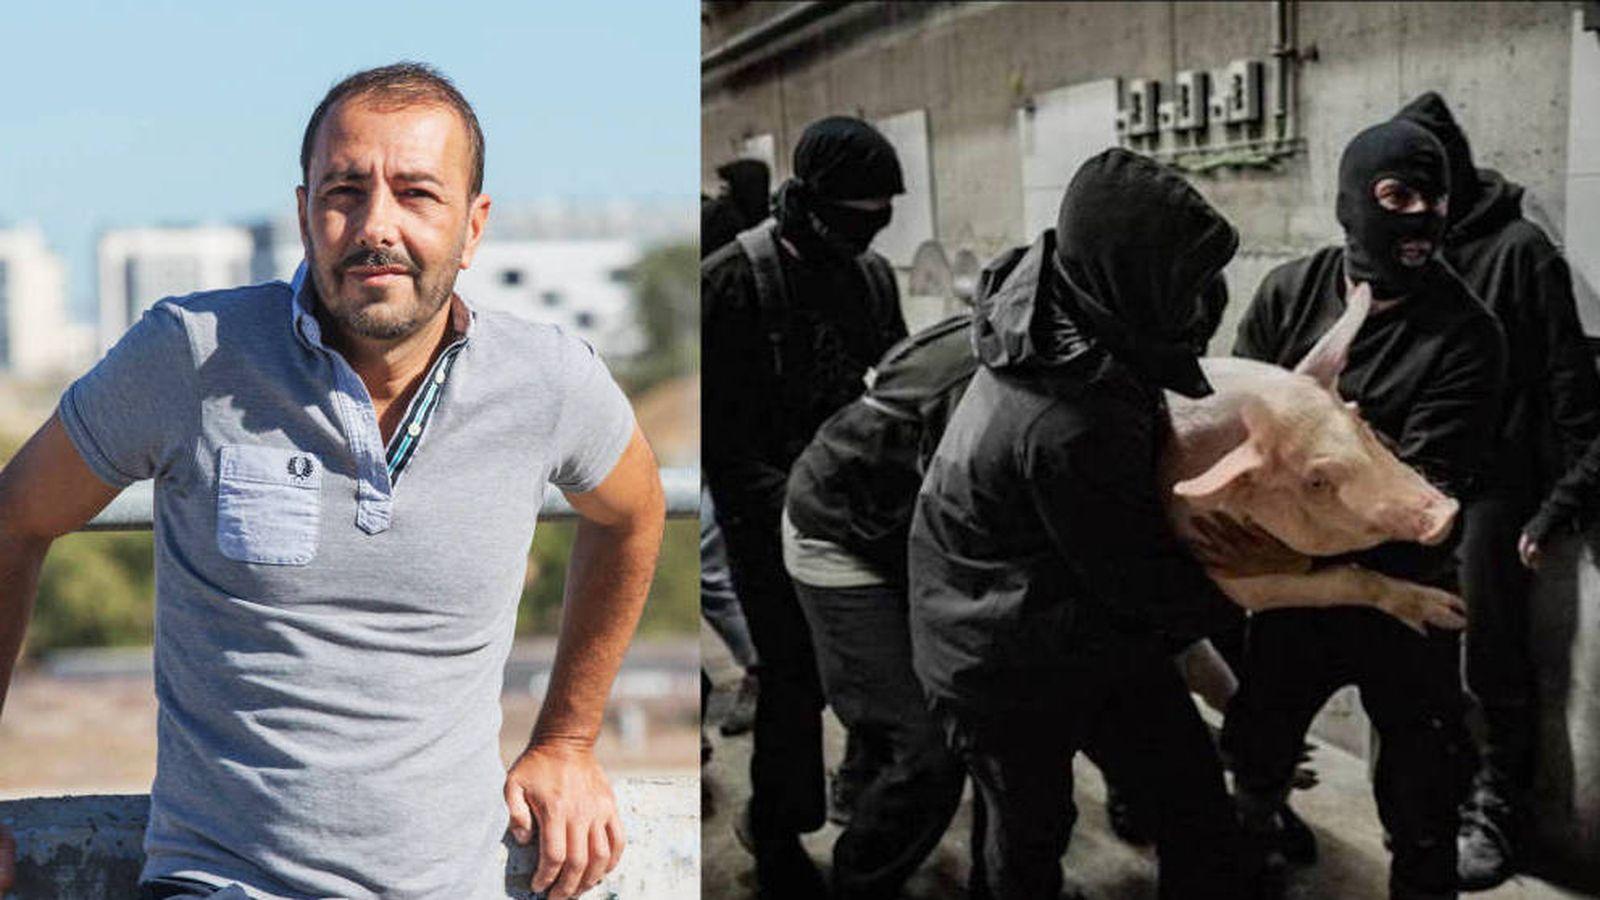 Foto: A la izquierda, el activista Javier Guarascio. A la derecha, asalto animalista a una granja de cerdos